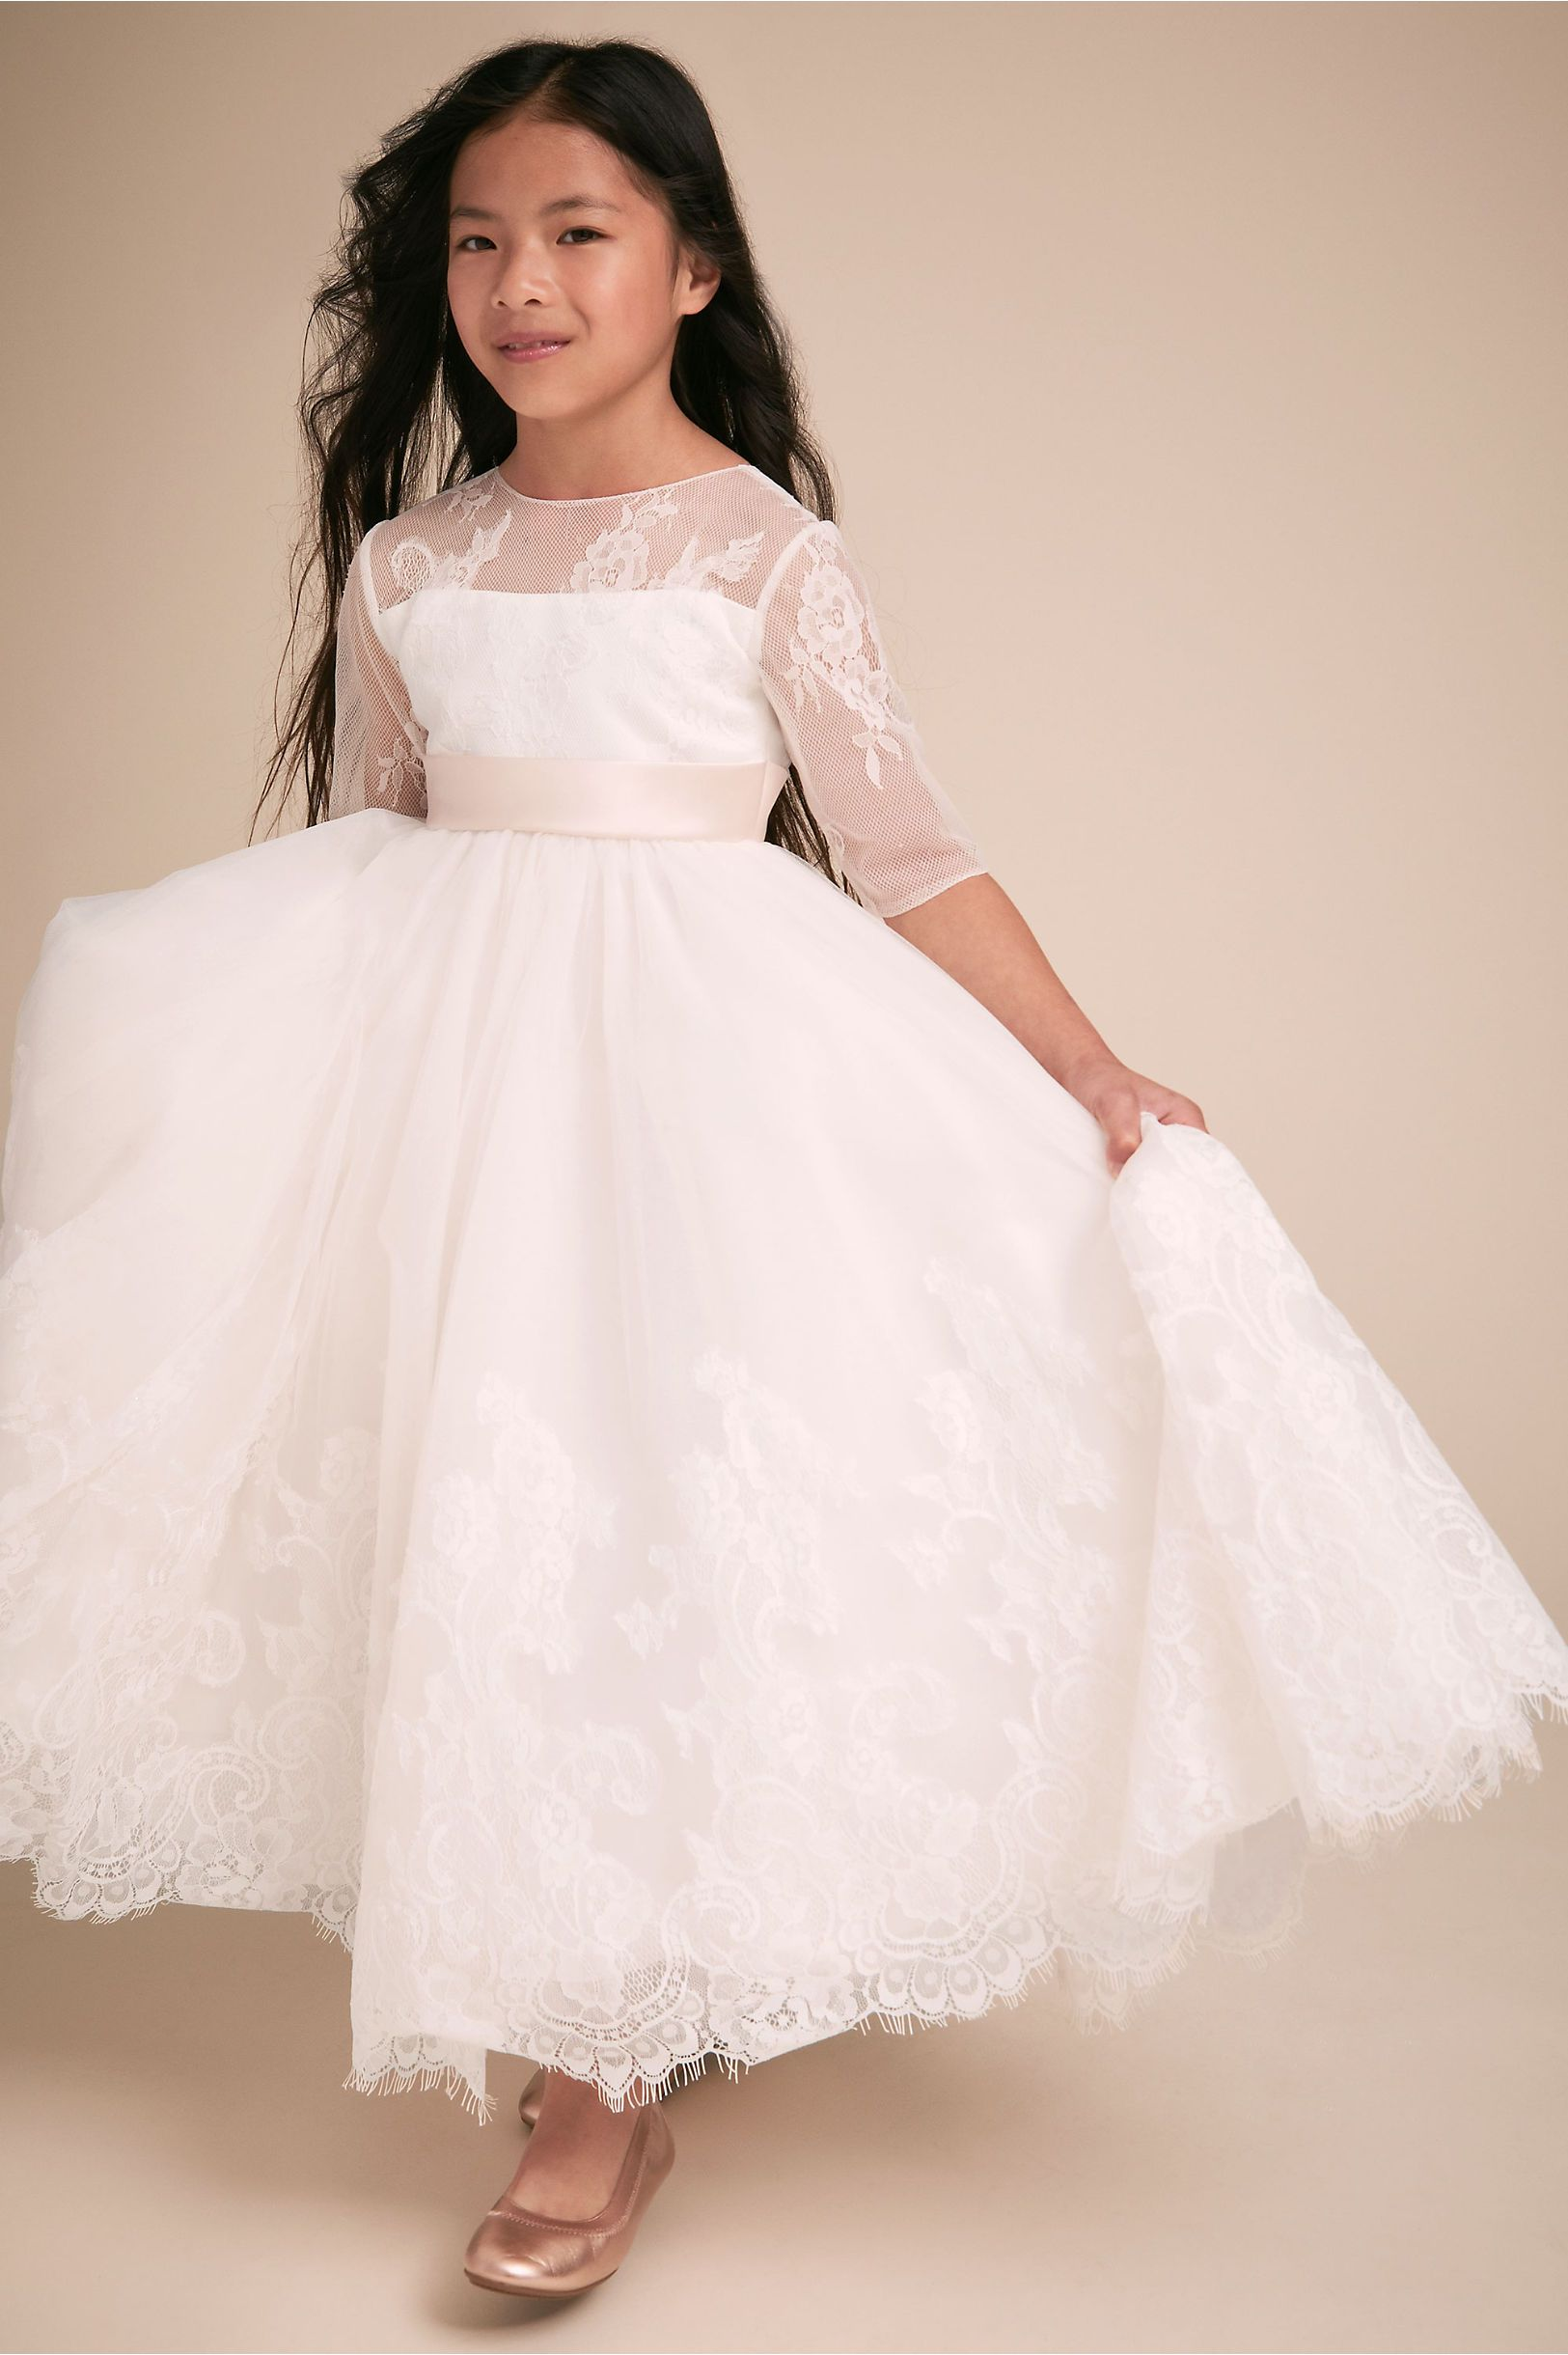 Carling Dress Pretty flower girl dresses, Ivory flower